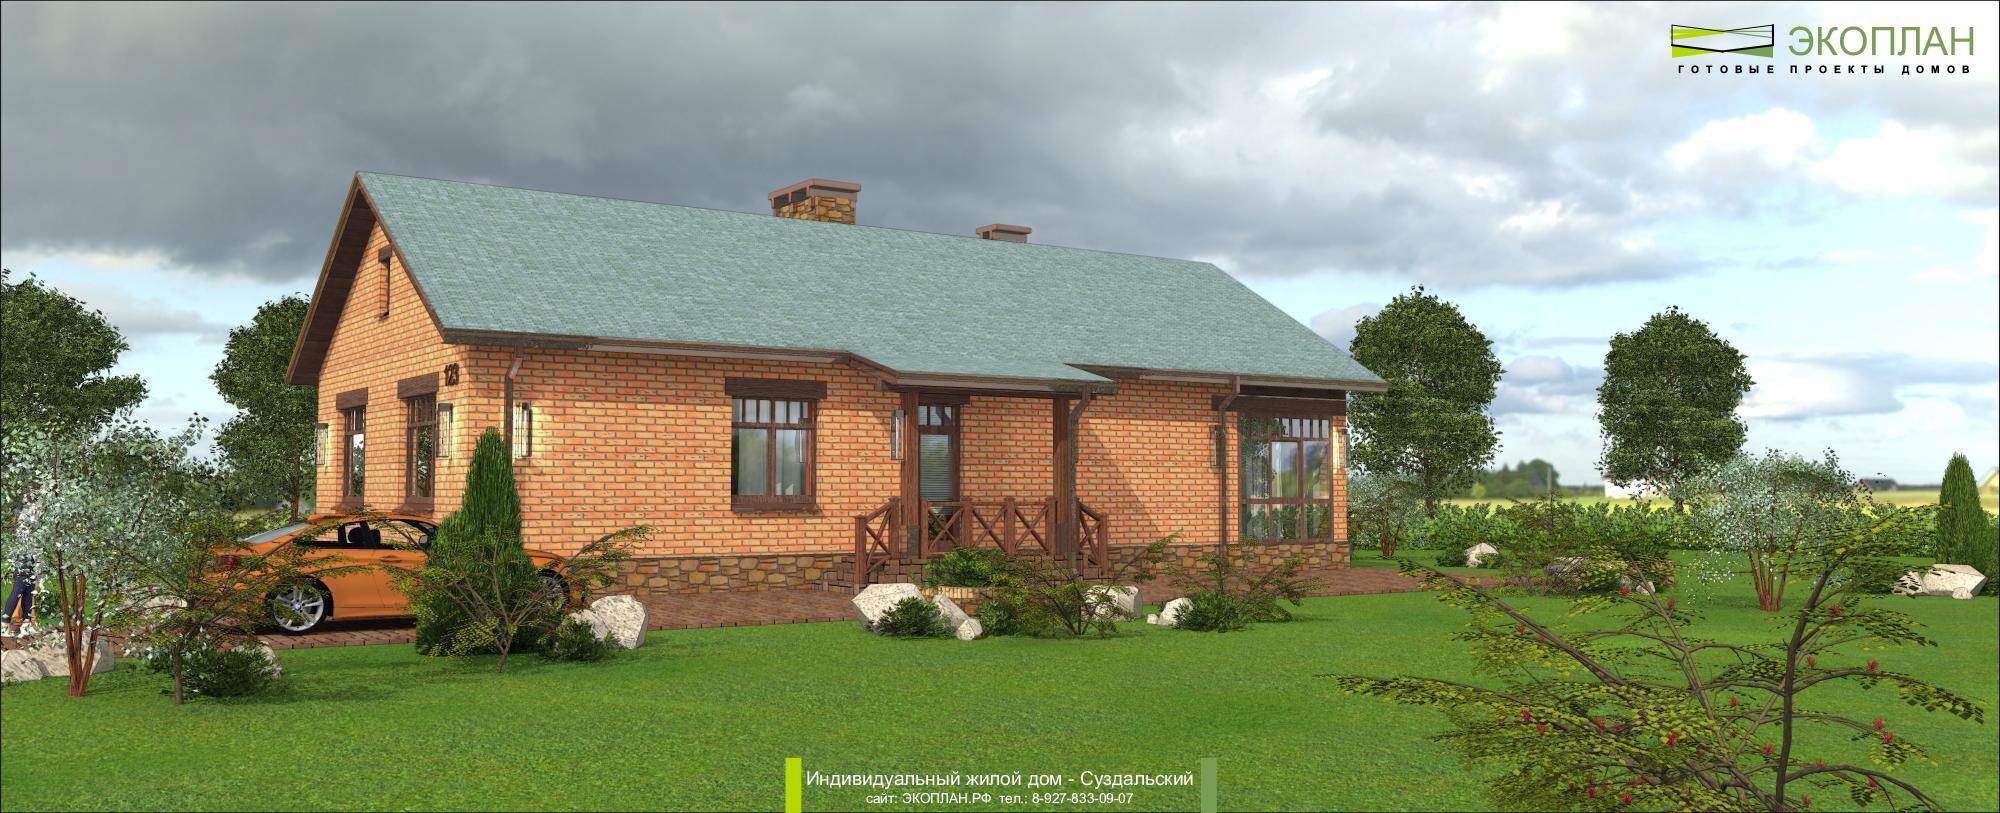 Готовый проект дома - Суздальский - Ульяновск фасад